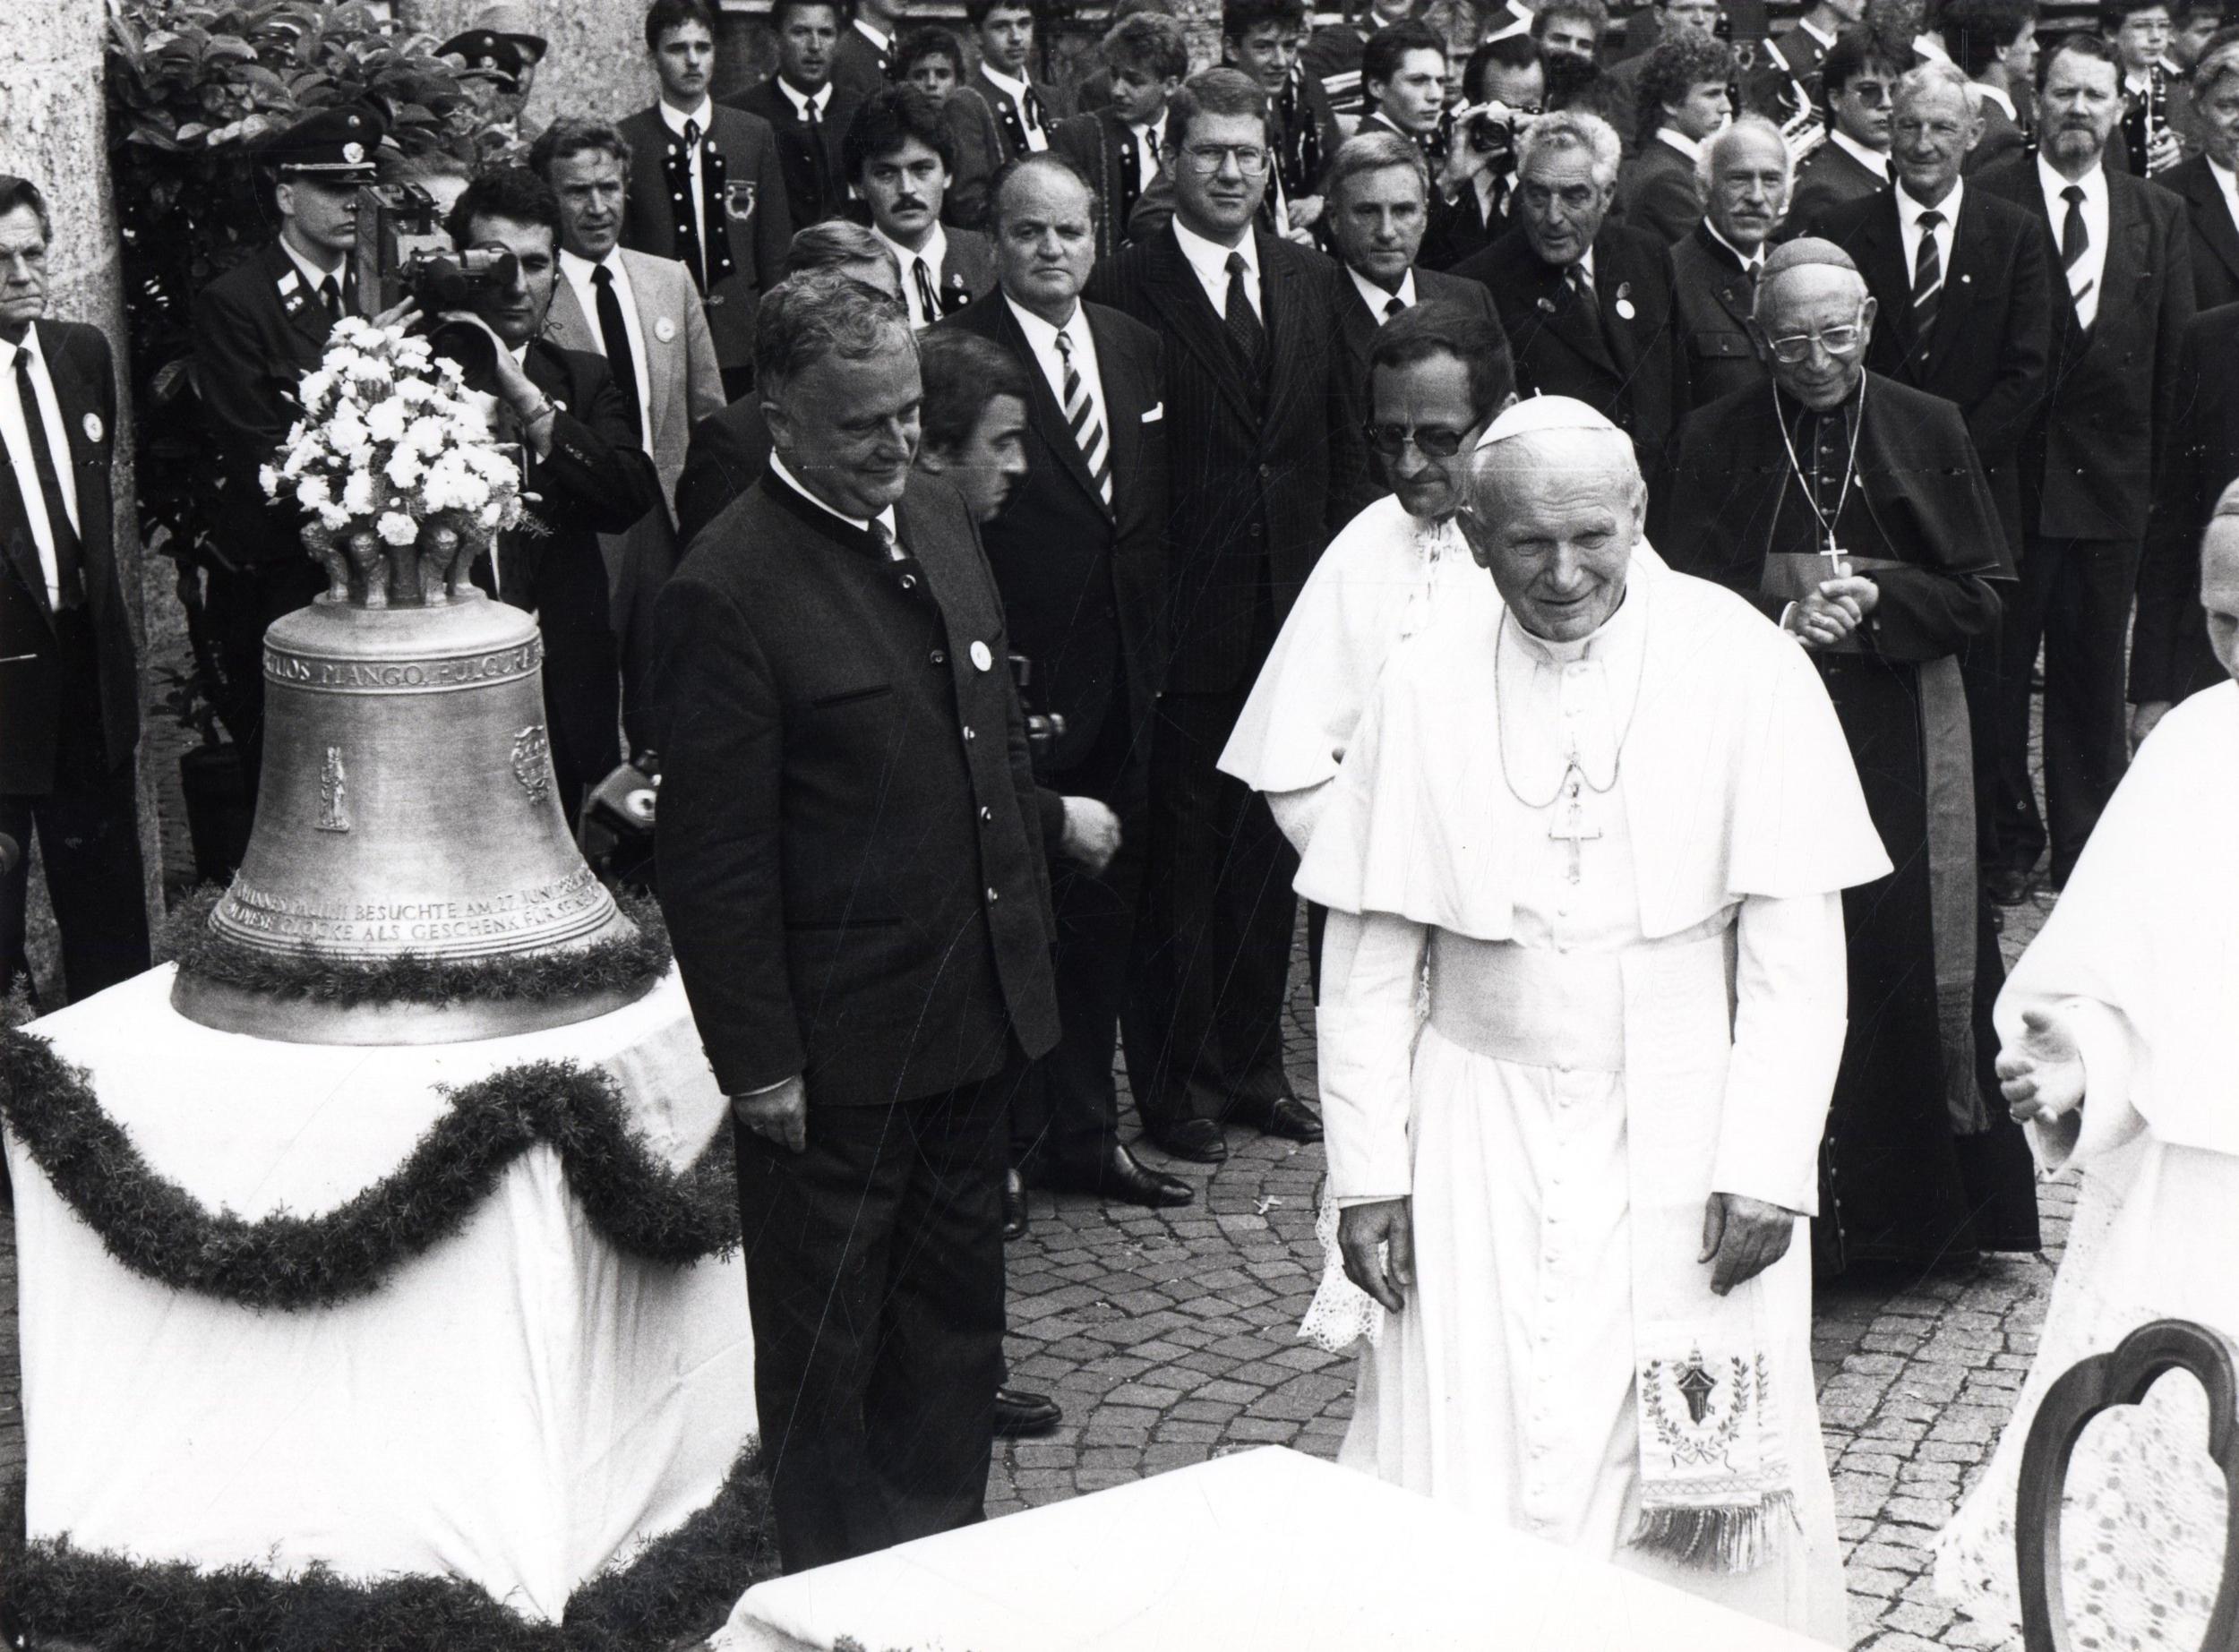 Papst Johannes Paul II. Zu Besuch In Innsbruck